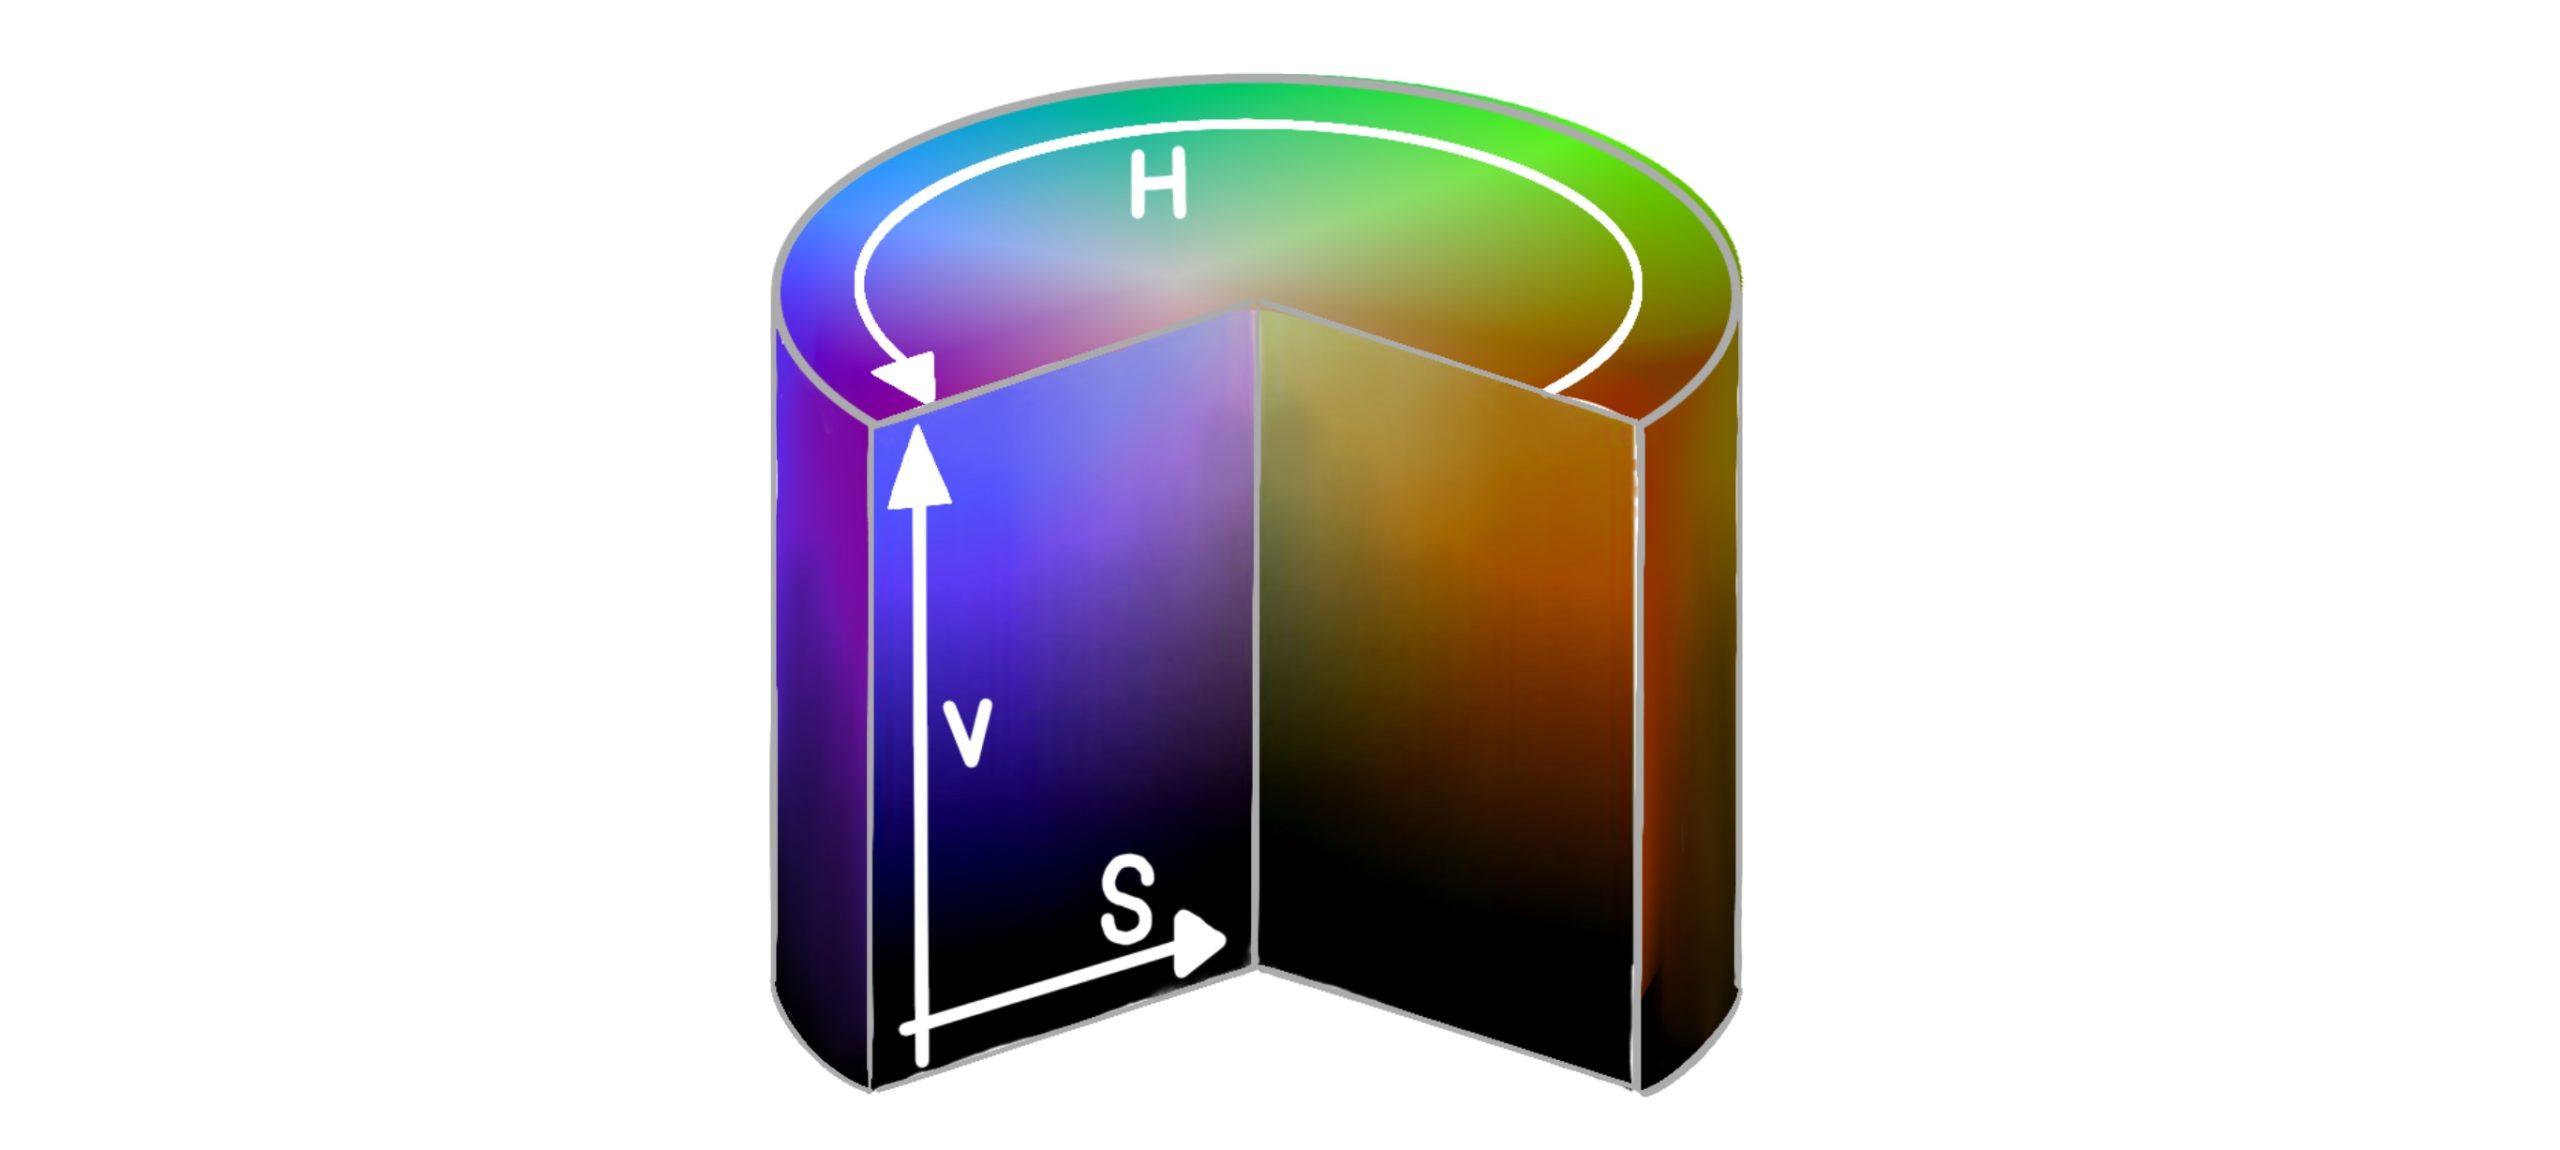 HSVの説明画像